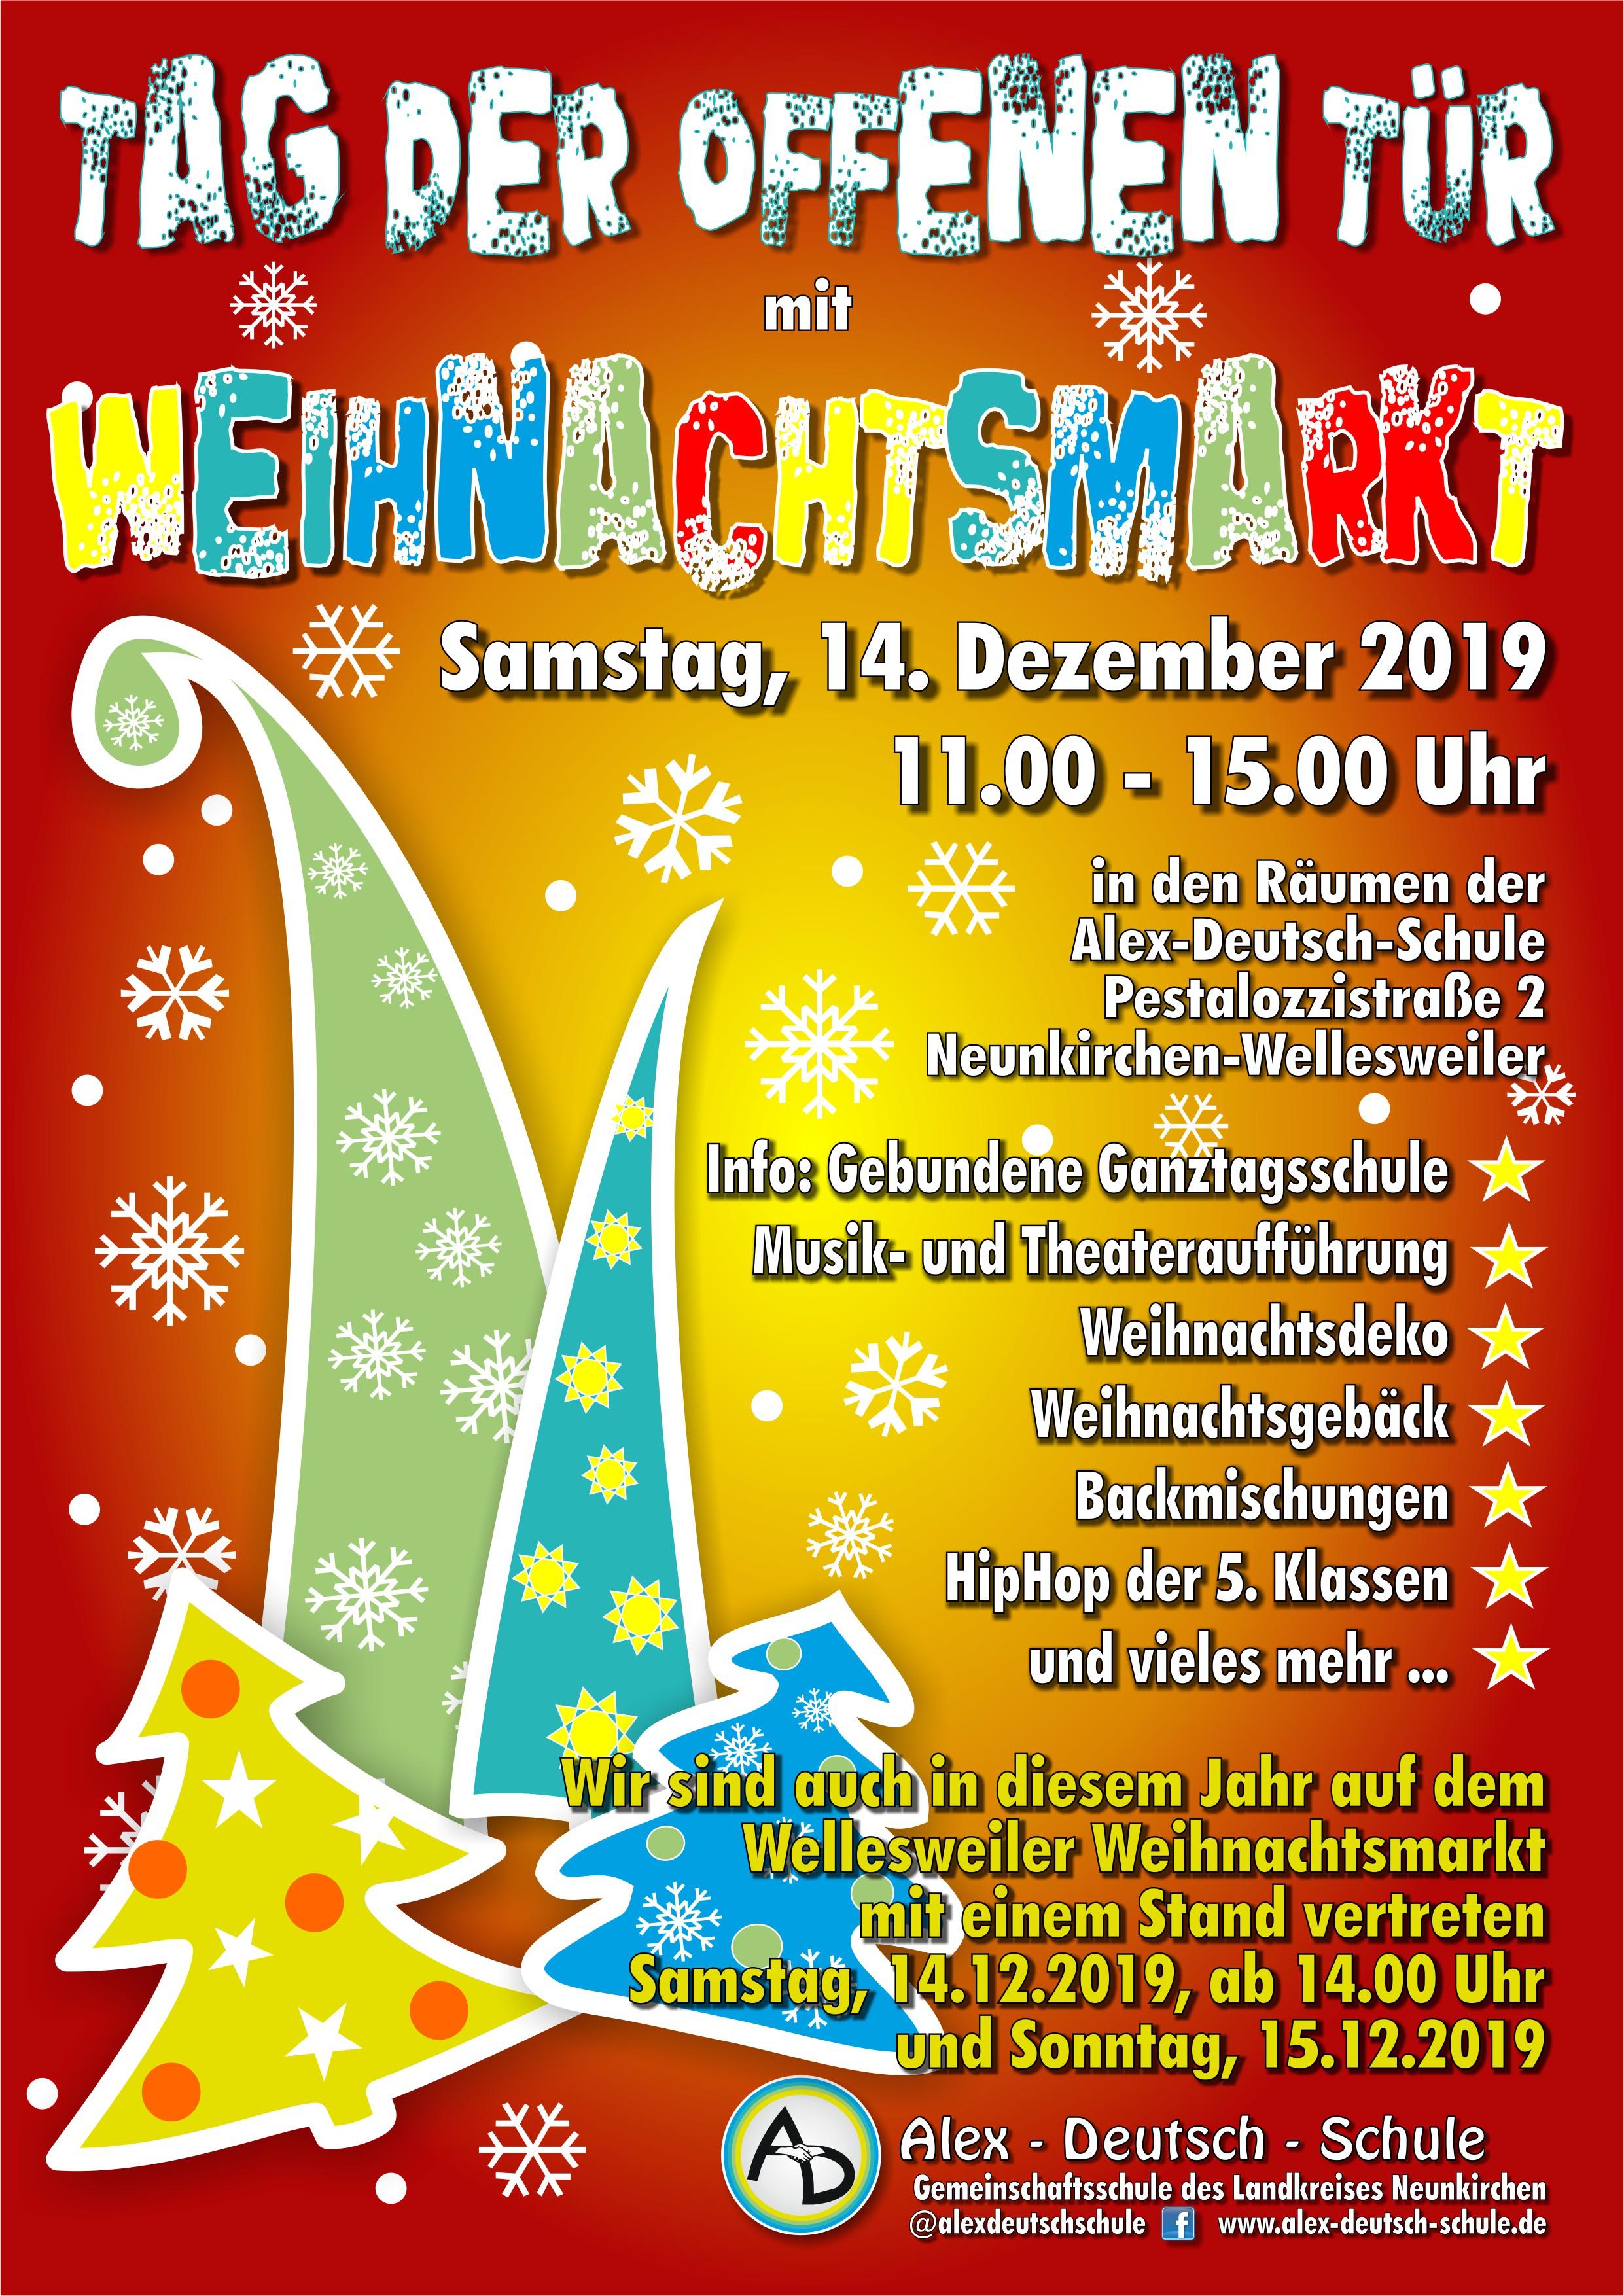 Wintermärchen 2.0: Weihnachtsmarkt und Willkommentag – Die Alex-Deutsch-Schule öffnet am 14.12.2019 wieder ihre Pforten